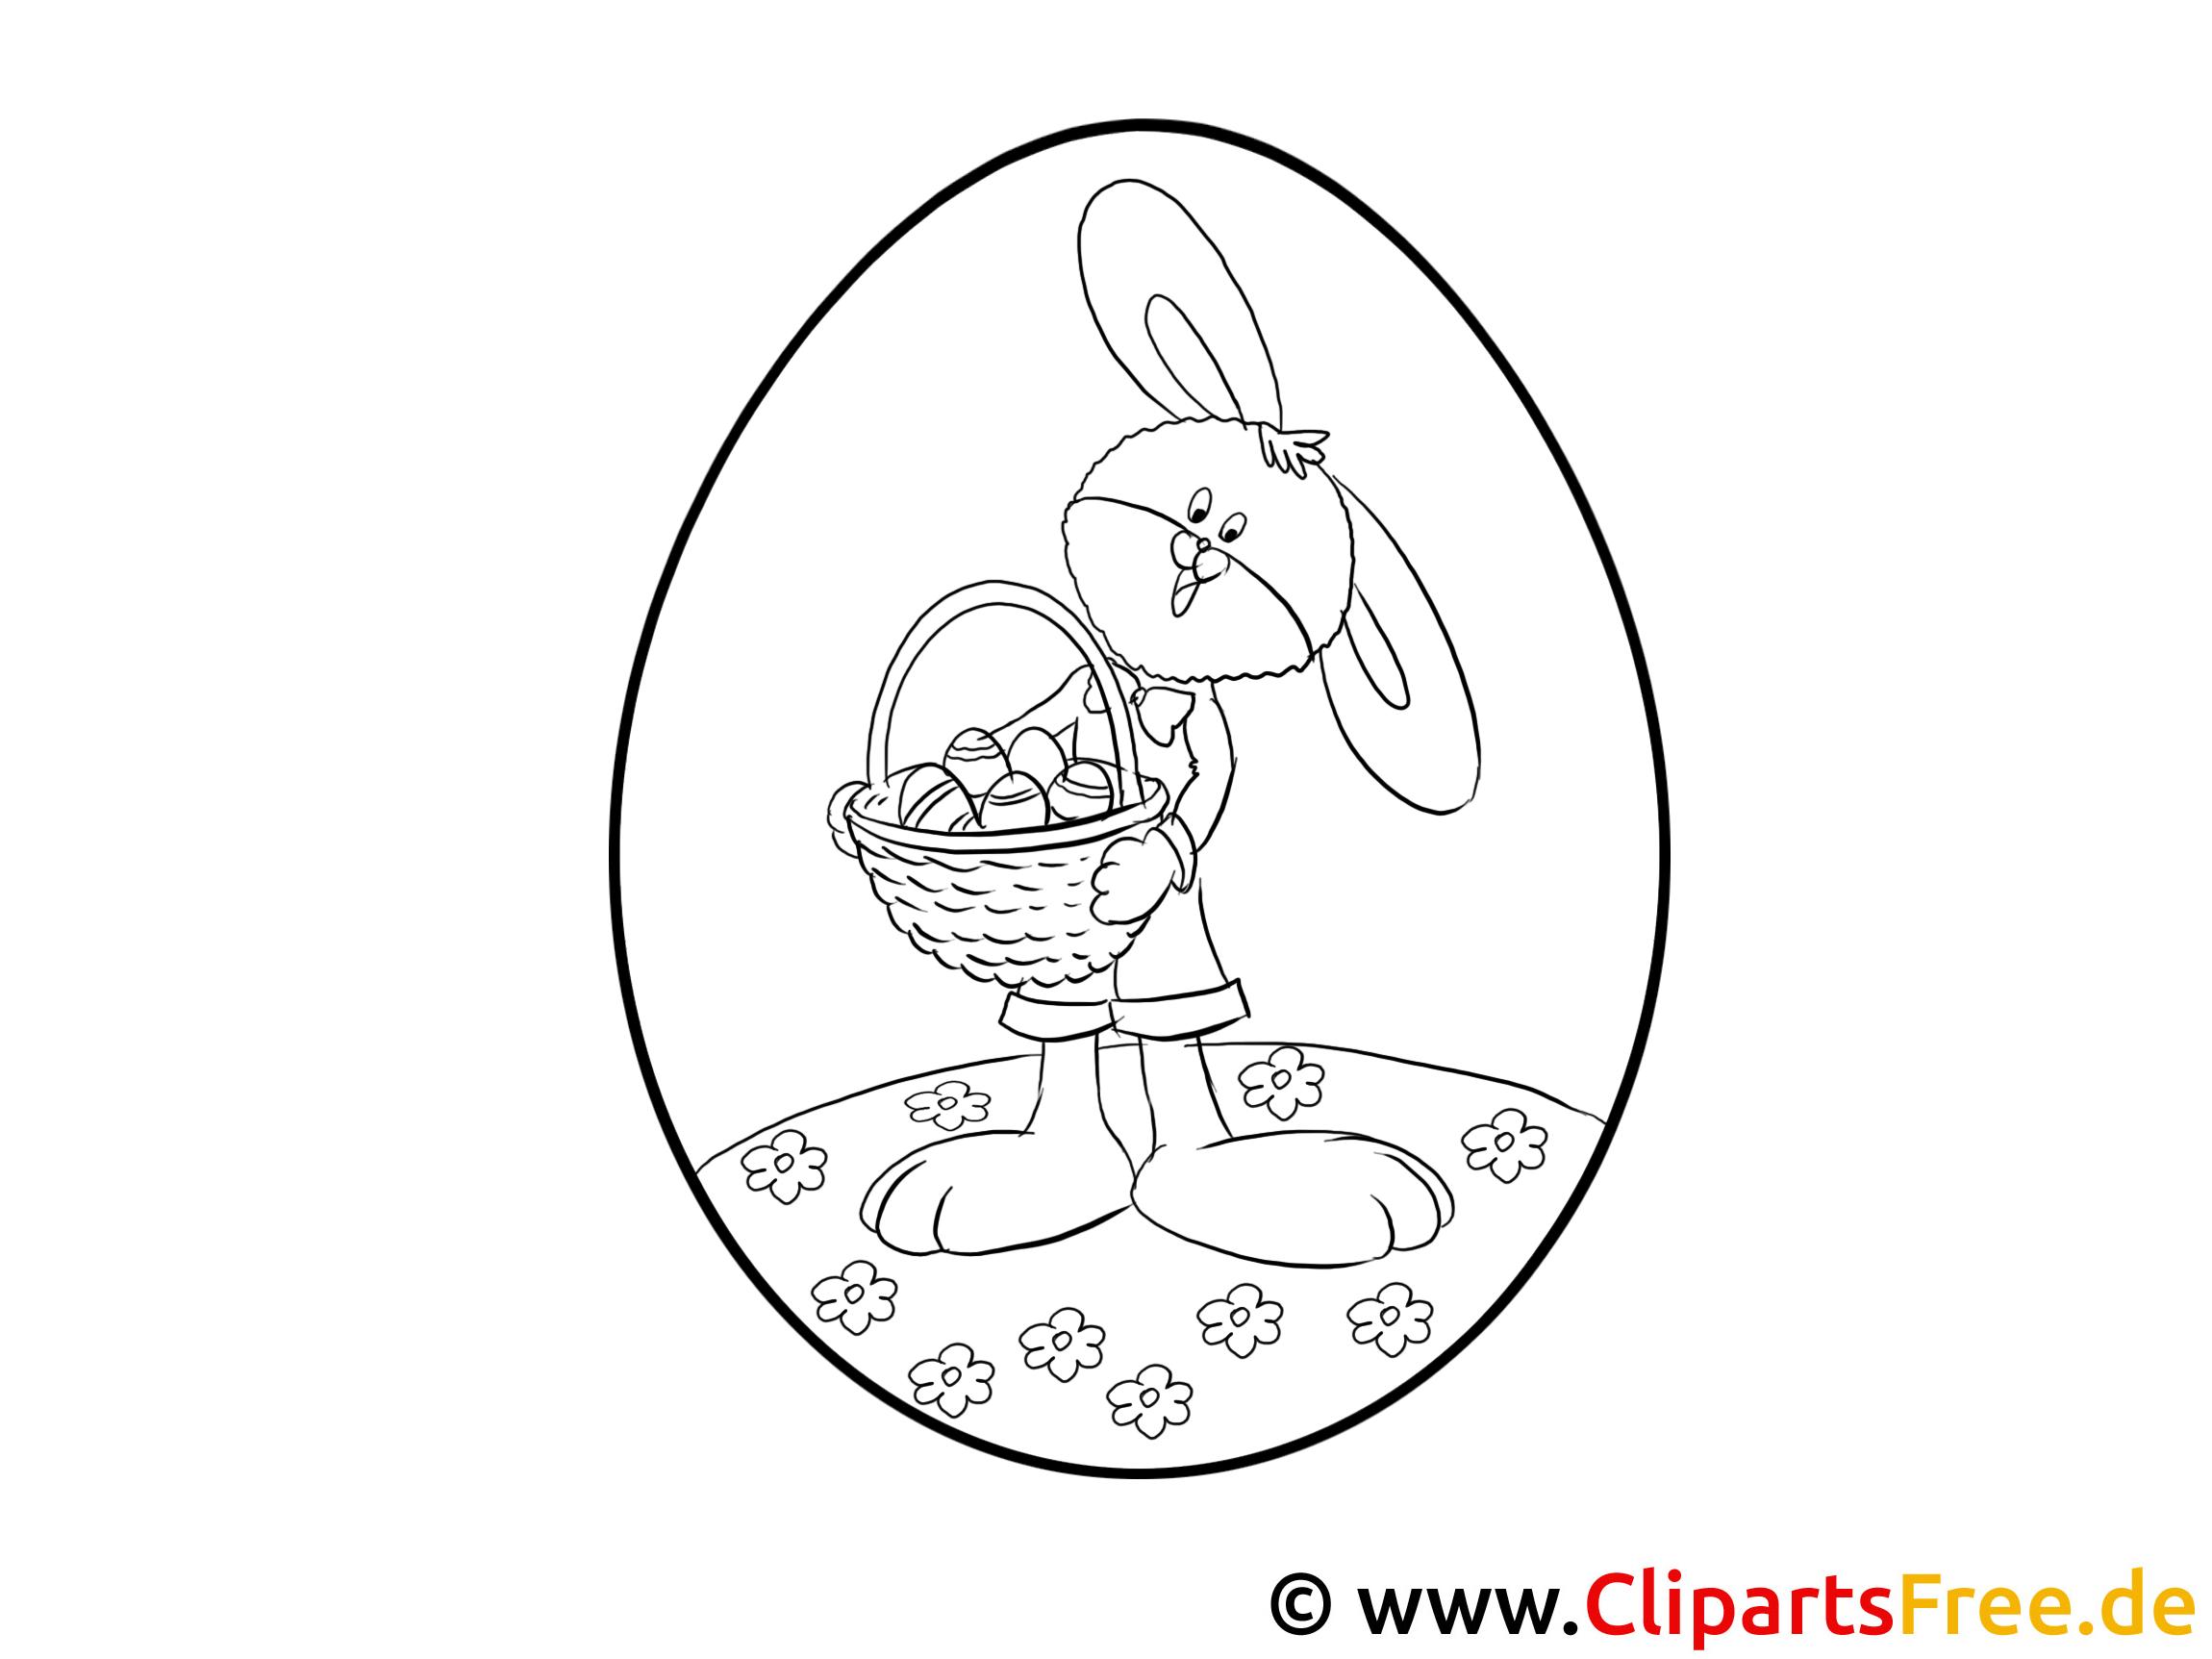 Osterdeko selbst basteln - Osterei mit Hase